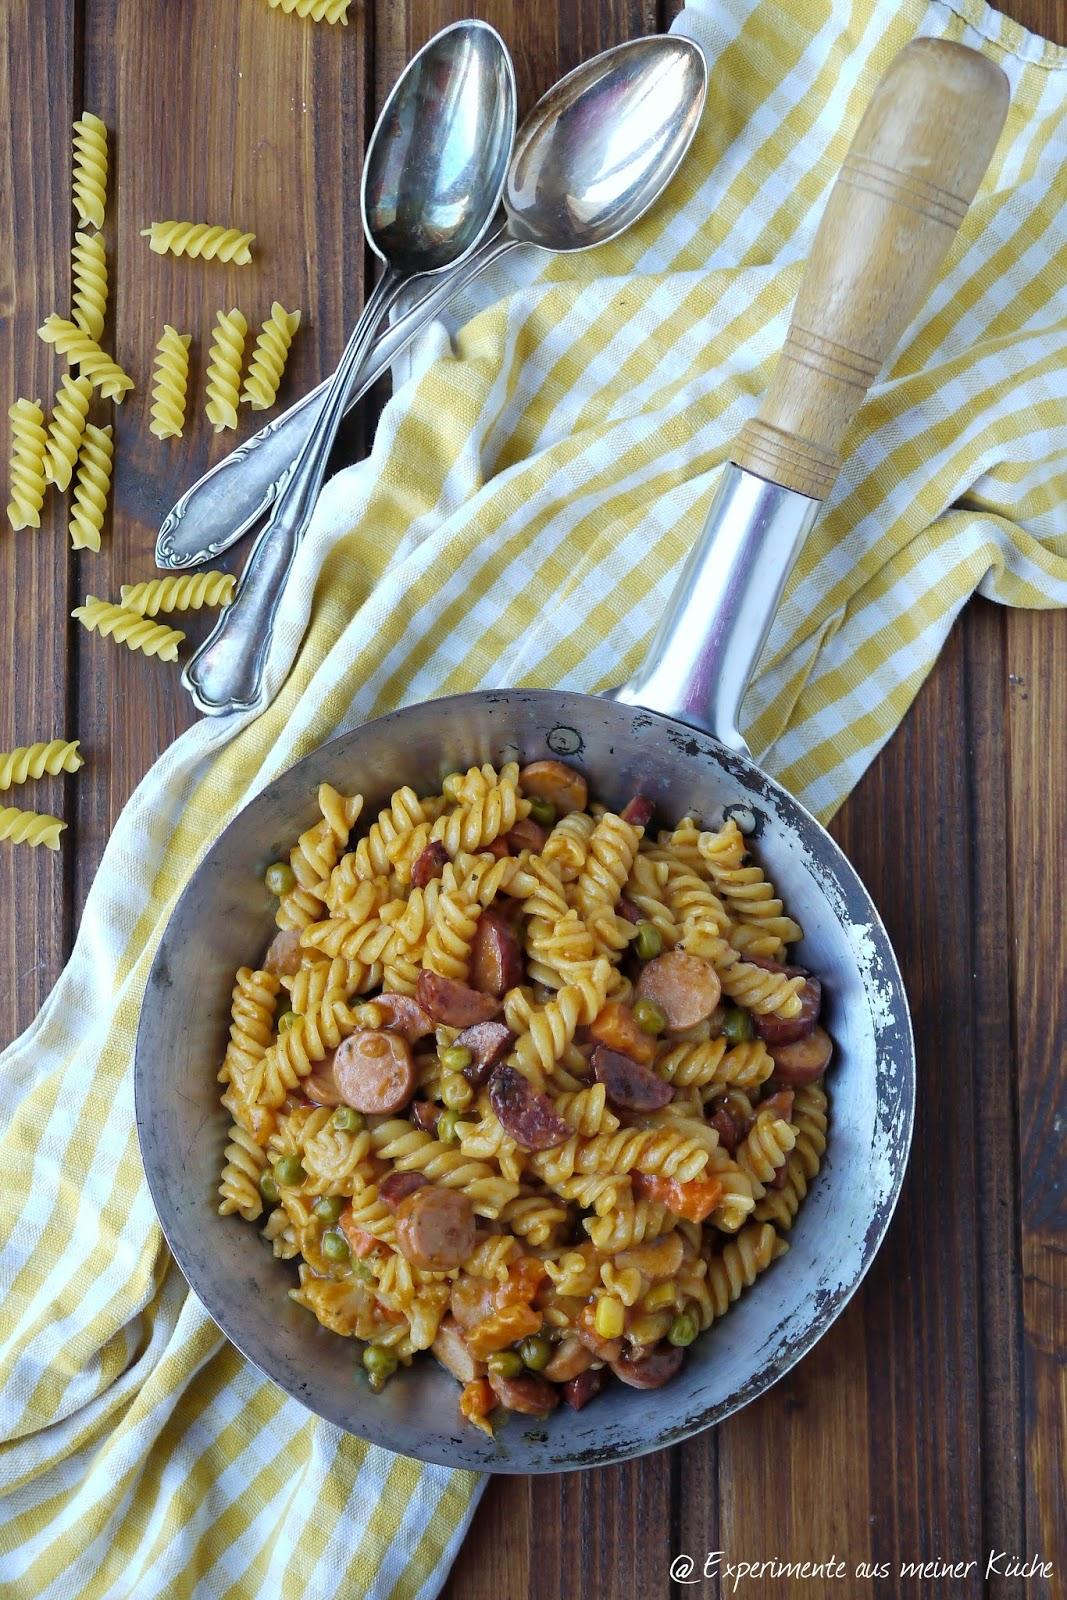 Experimente aus meiner Küche: Wurst-Nudel-Pfanne